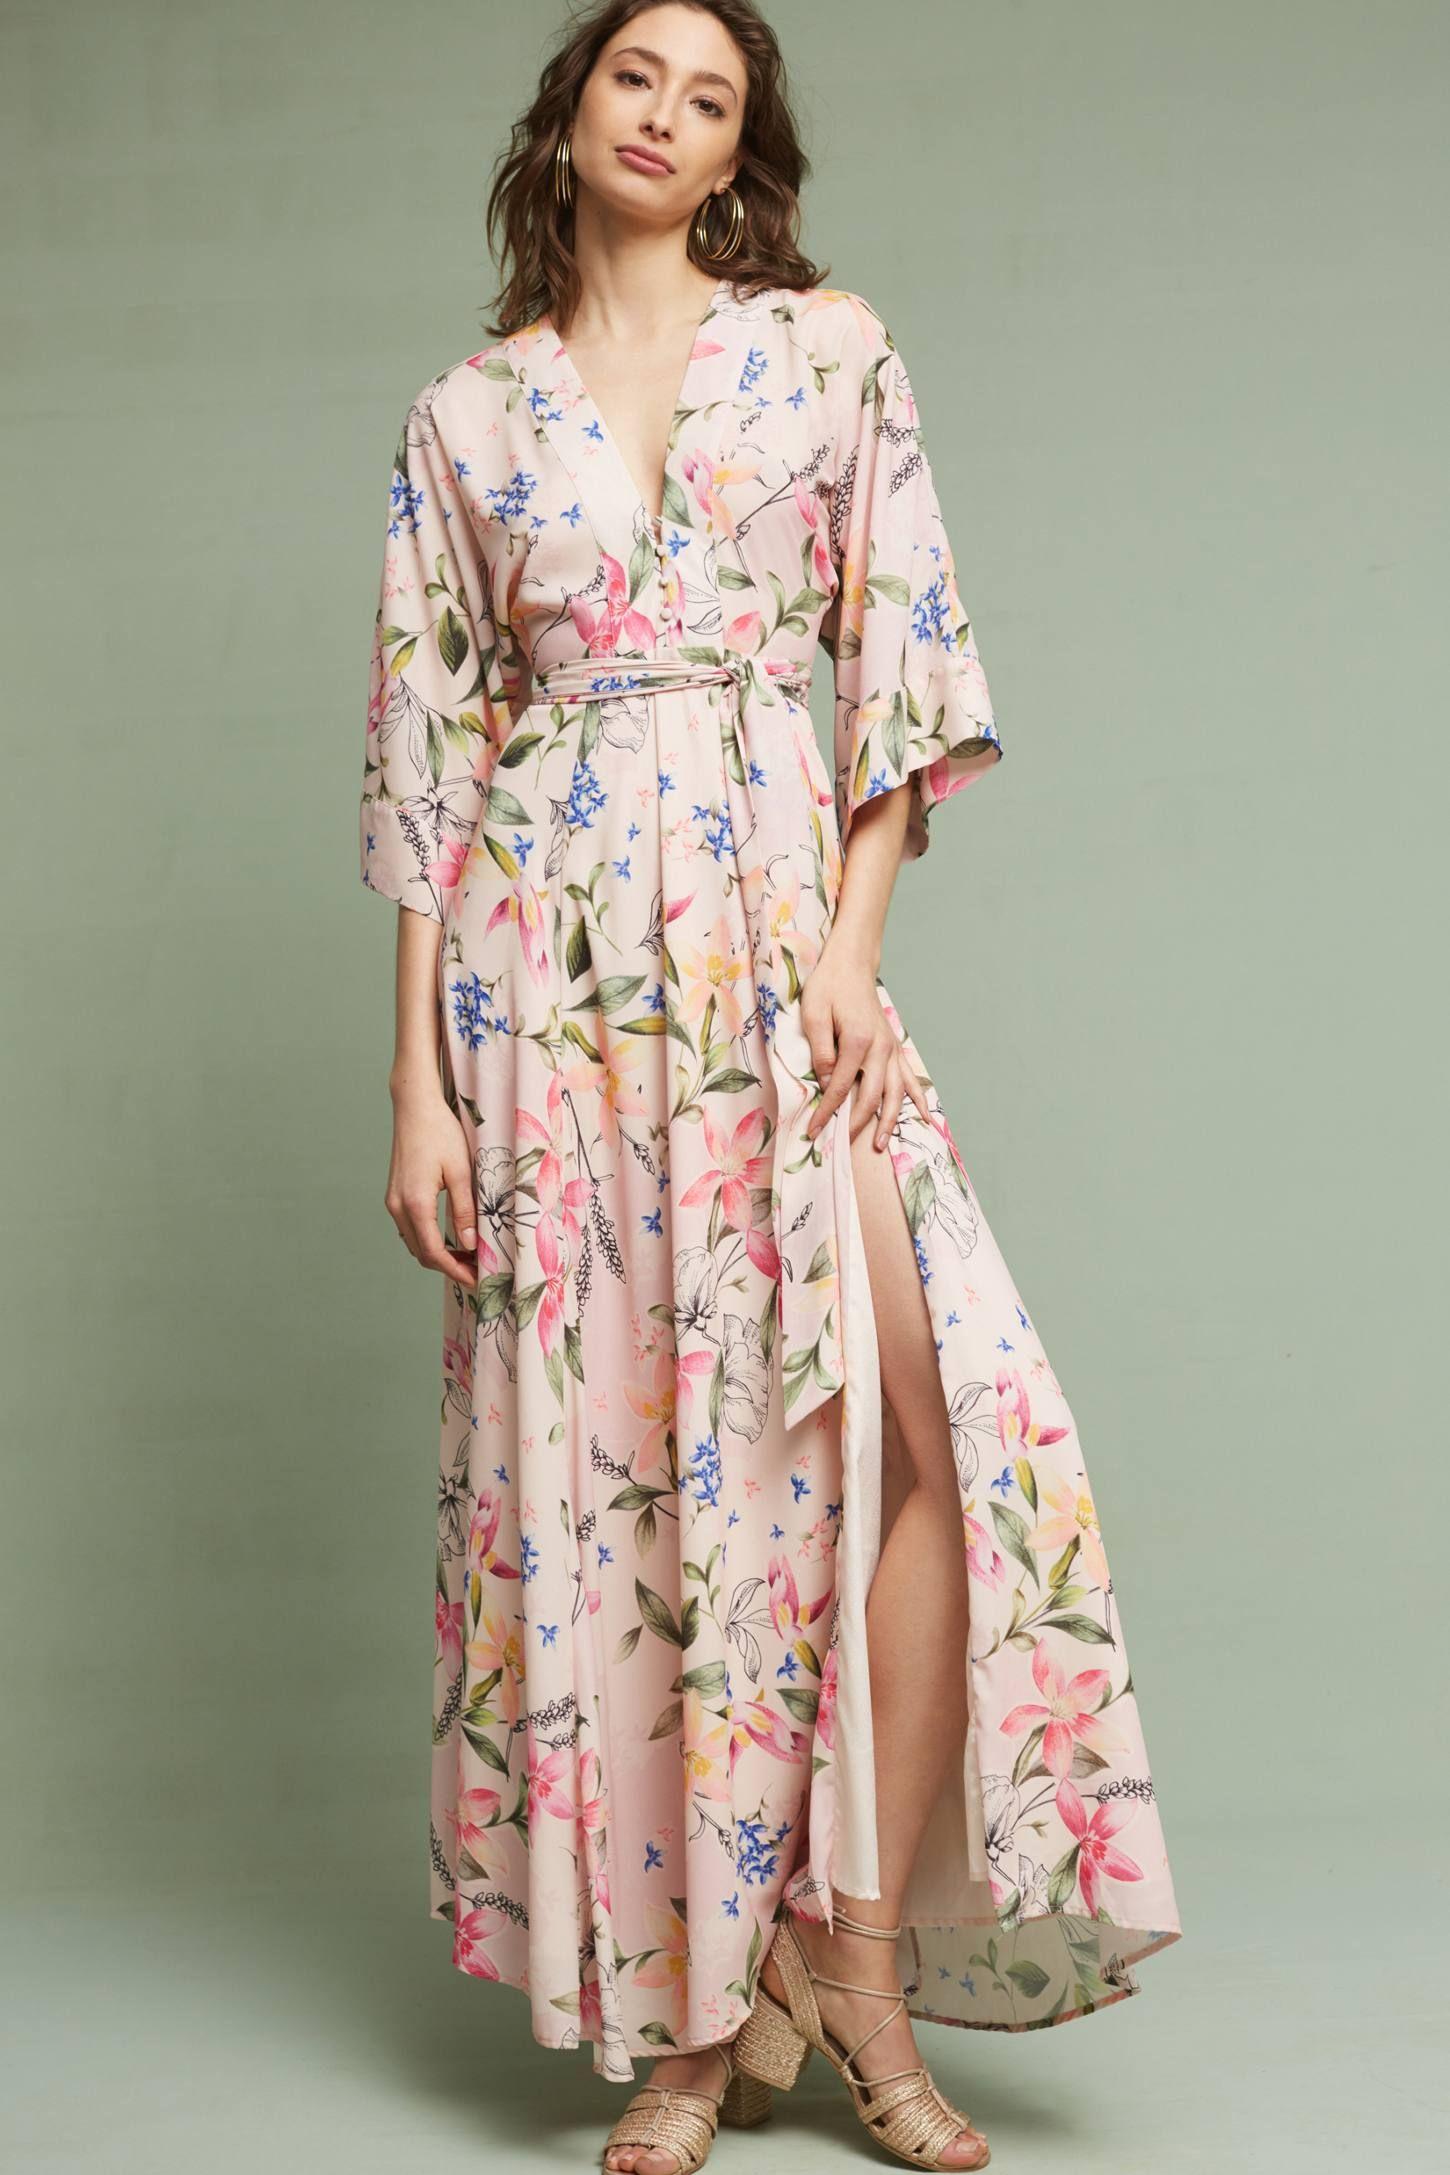 bbdd61a1596 Slide View  4  Floral Kimono Maxi Dress